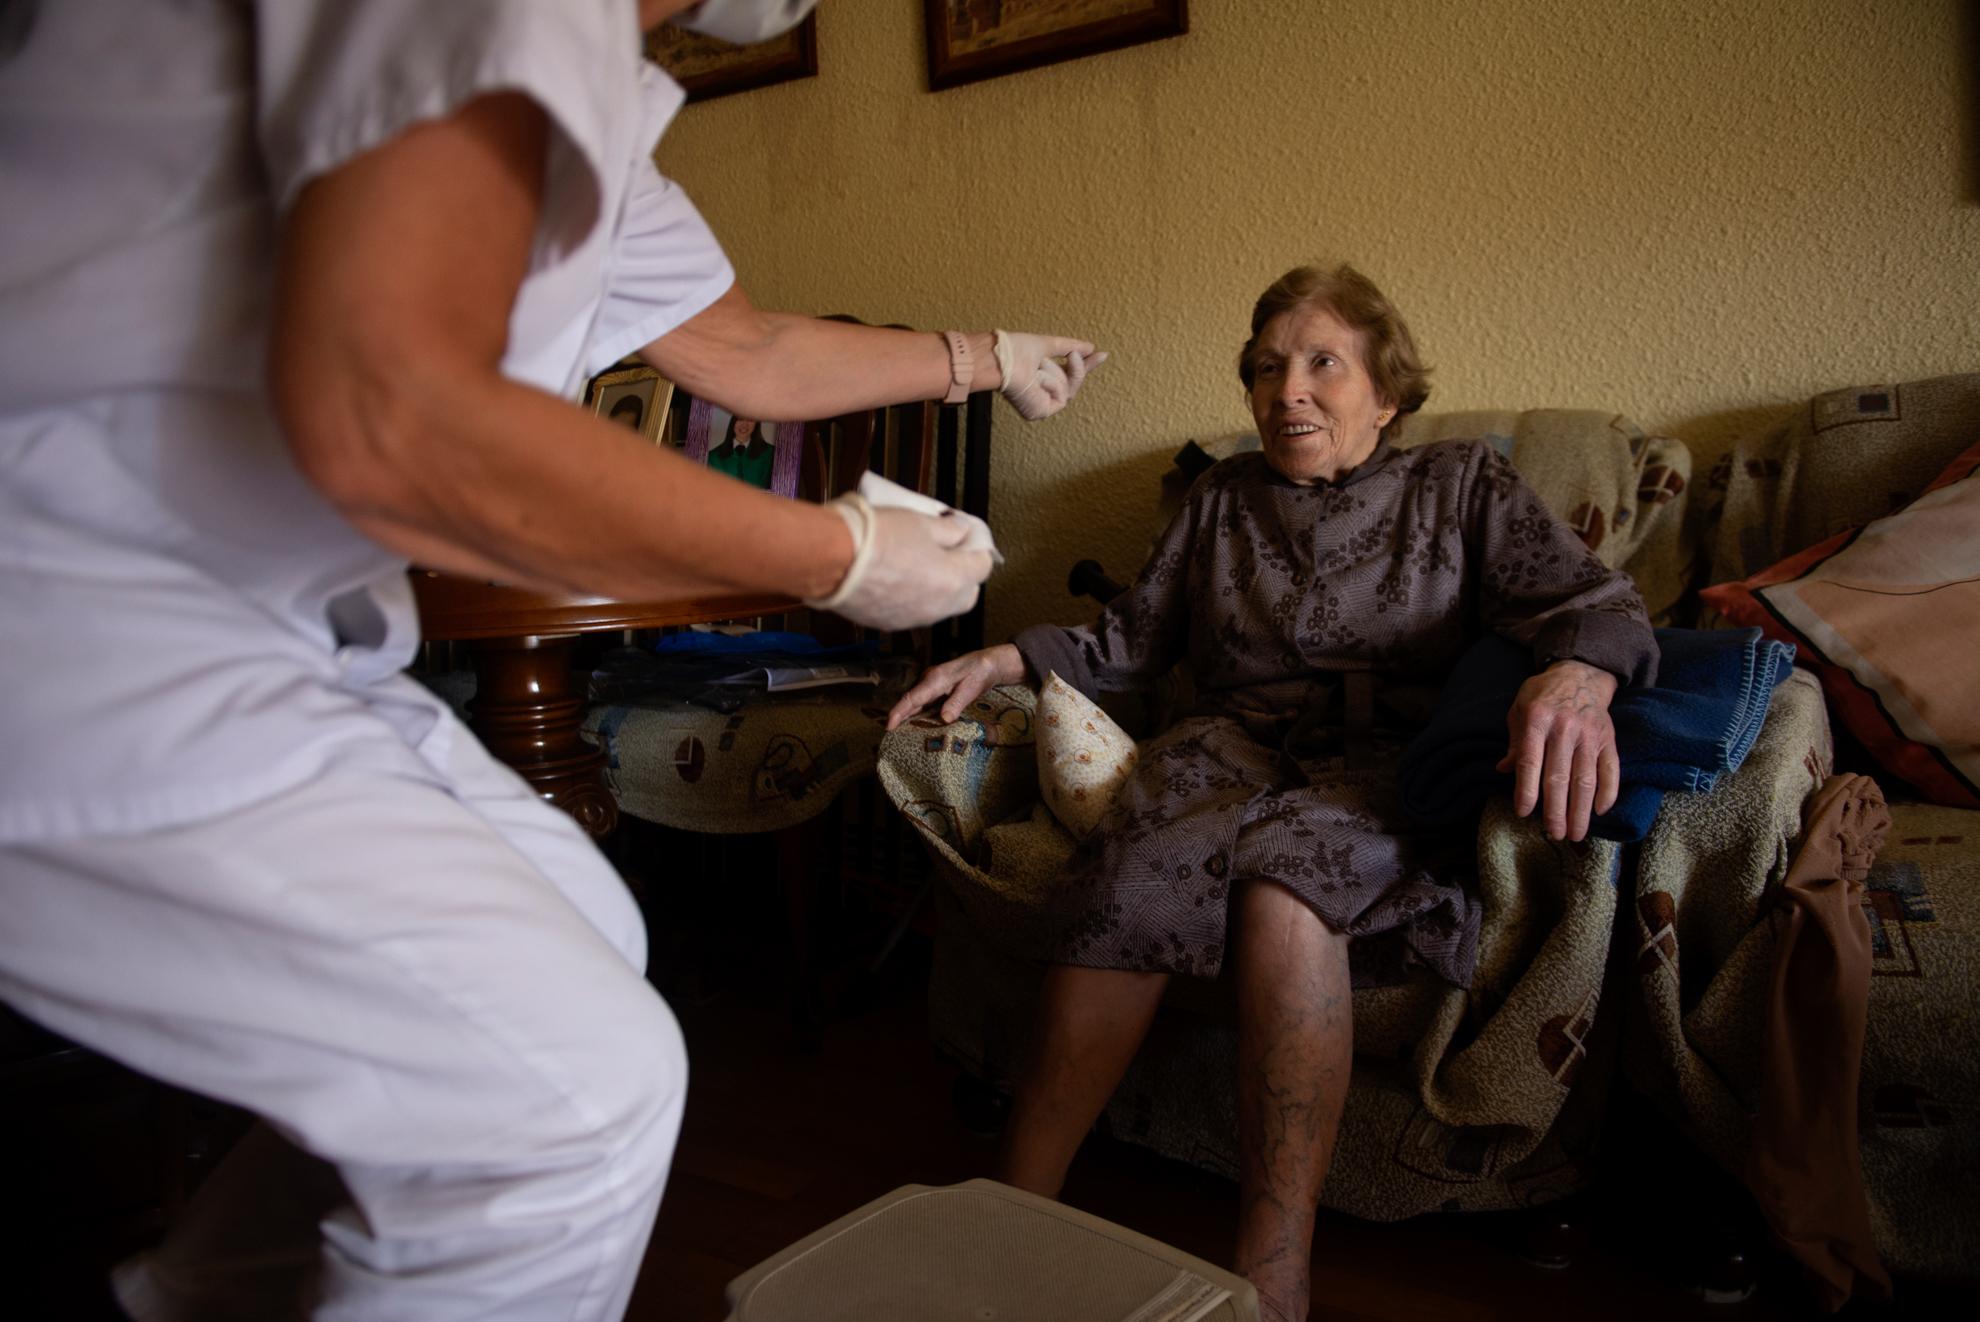 Teresa es enfermera y atiende a Paula en su domicilio. Todos los días visita a los pacientes de más edad para que no tengan que asistir al centro de salud y puedan permanecer confinados y seguros en sus casas.